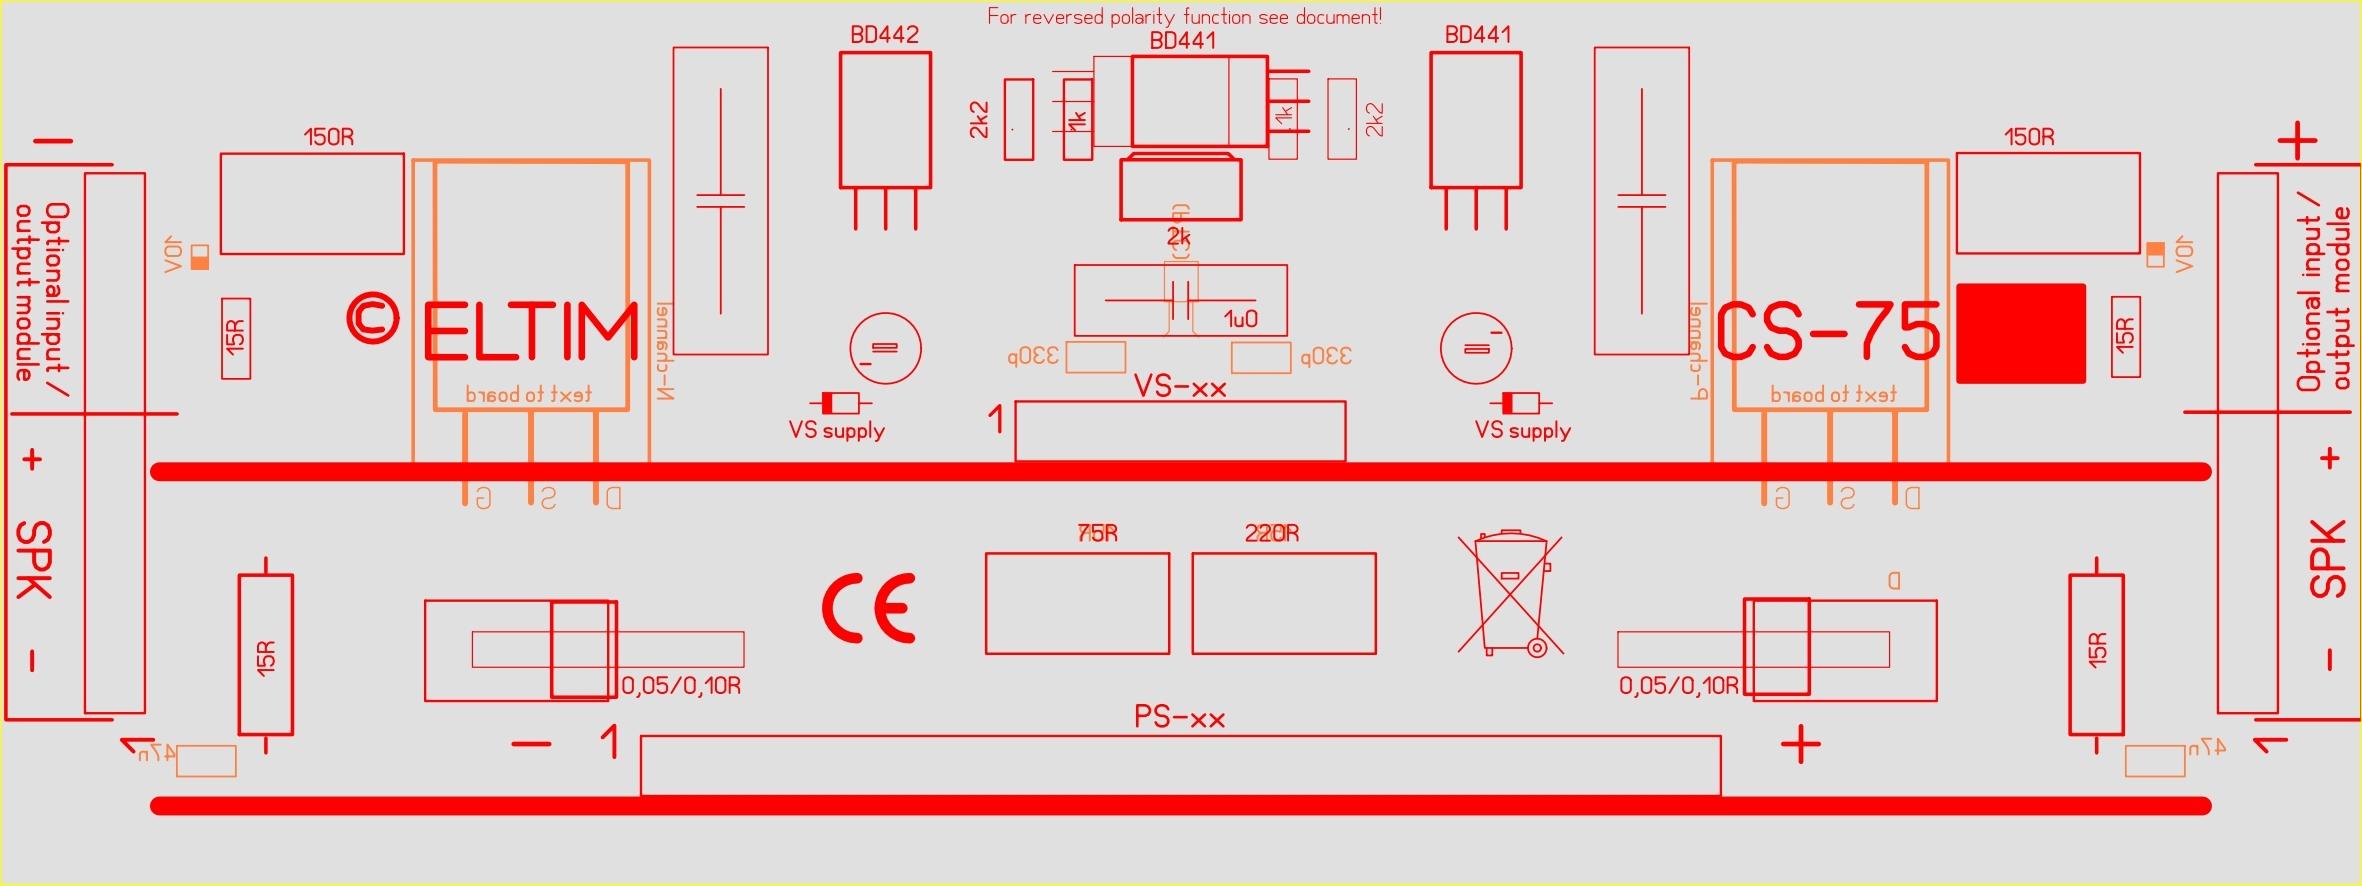 ELTIM CS-75 Current Stage modules